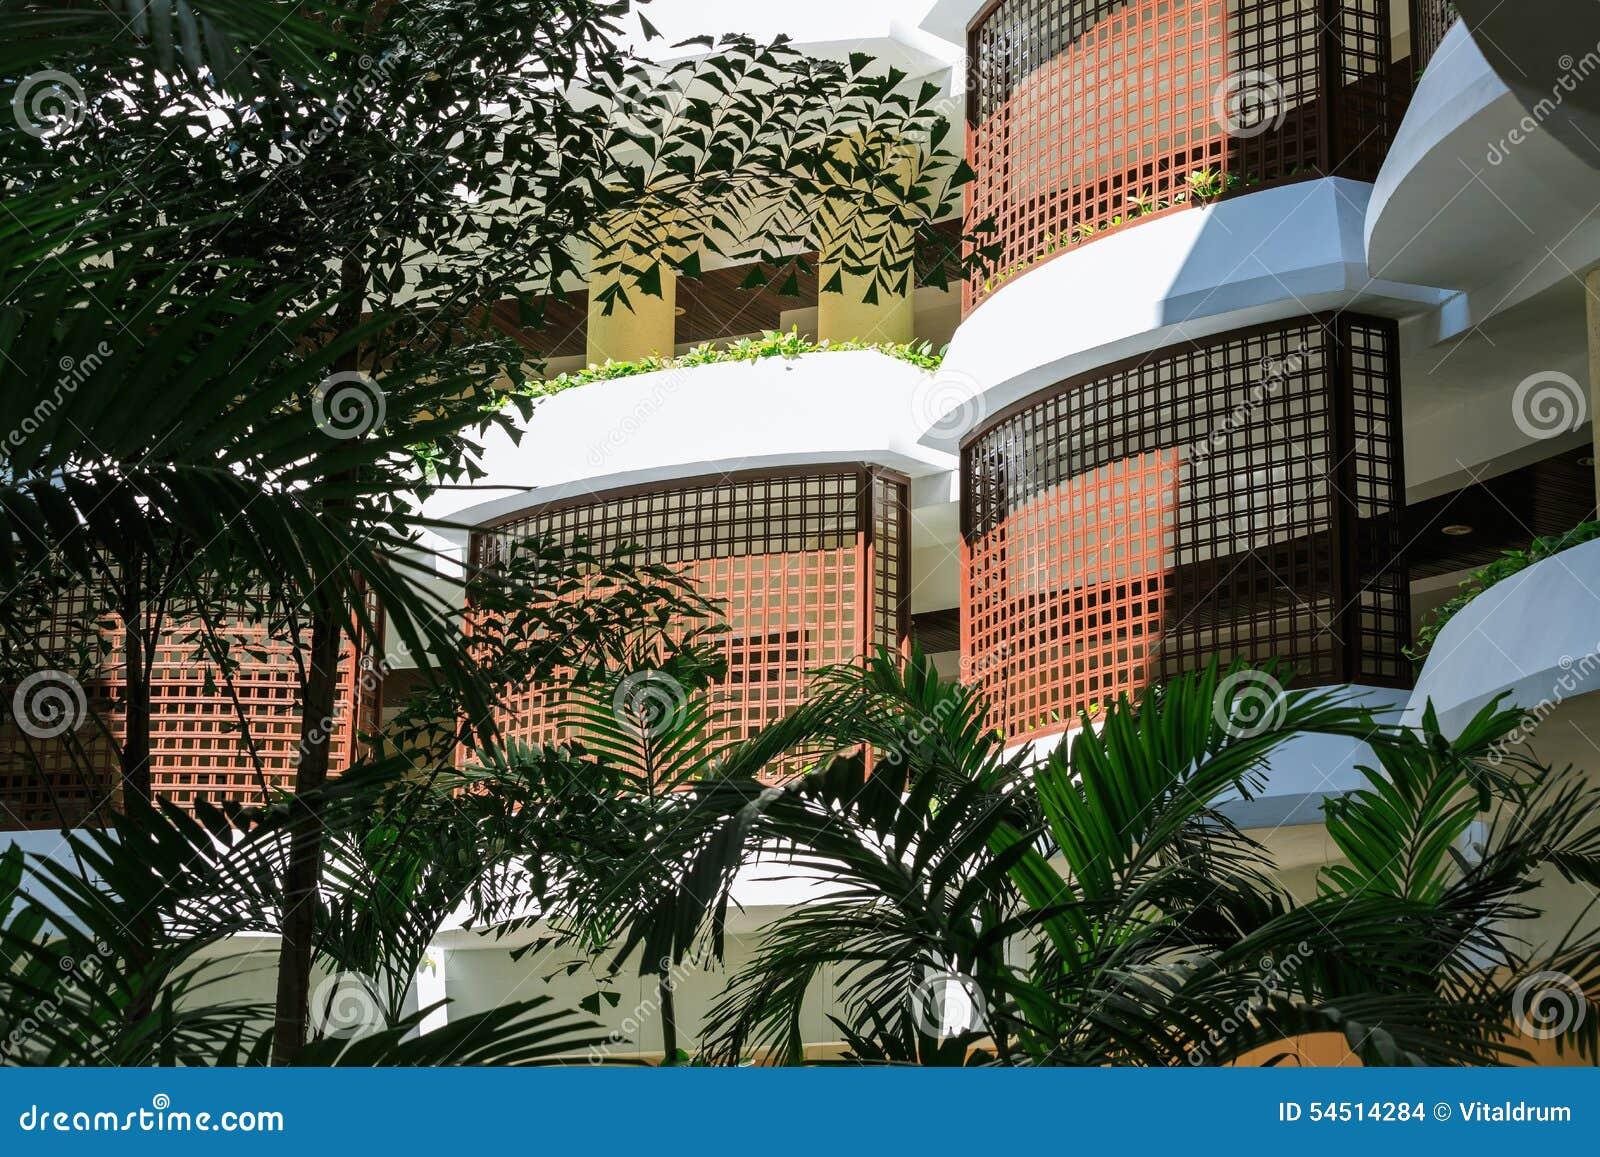 Fragment des grillzauns des stilvollen modernen schützenden balkons